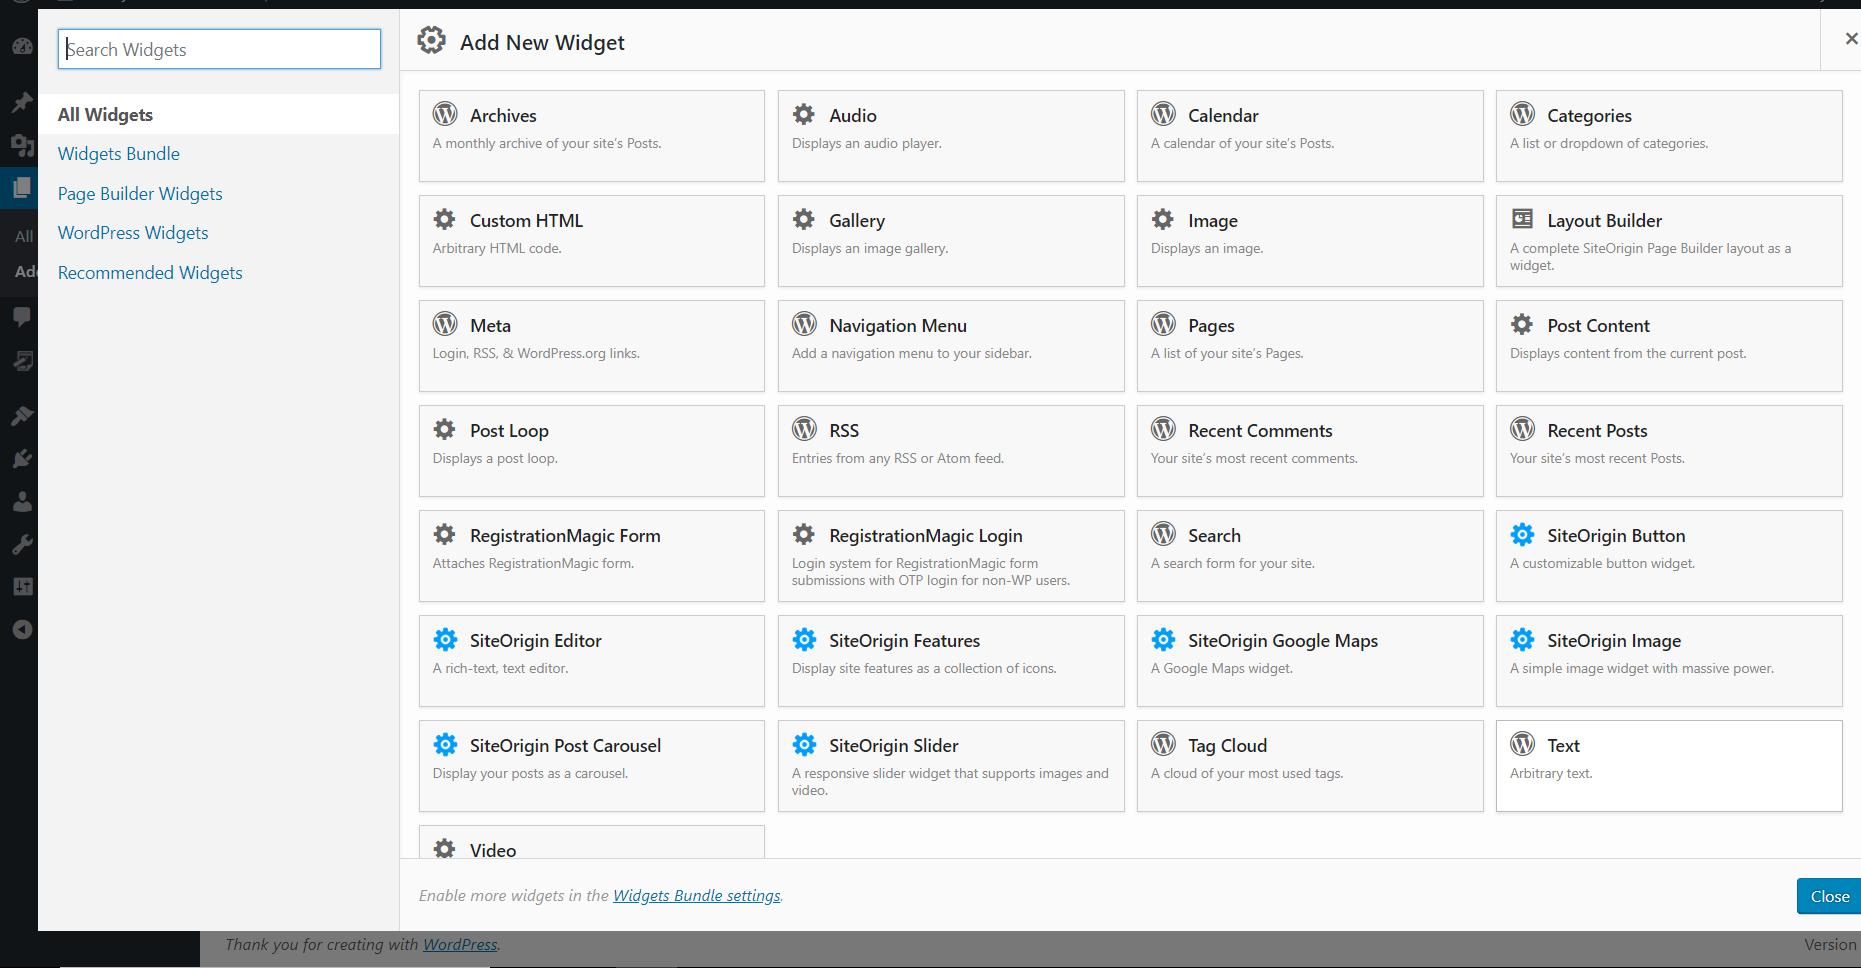 WordPress Page Builder add new widget page